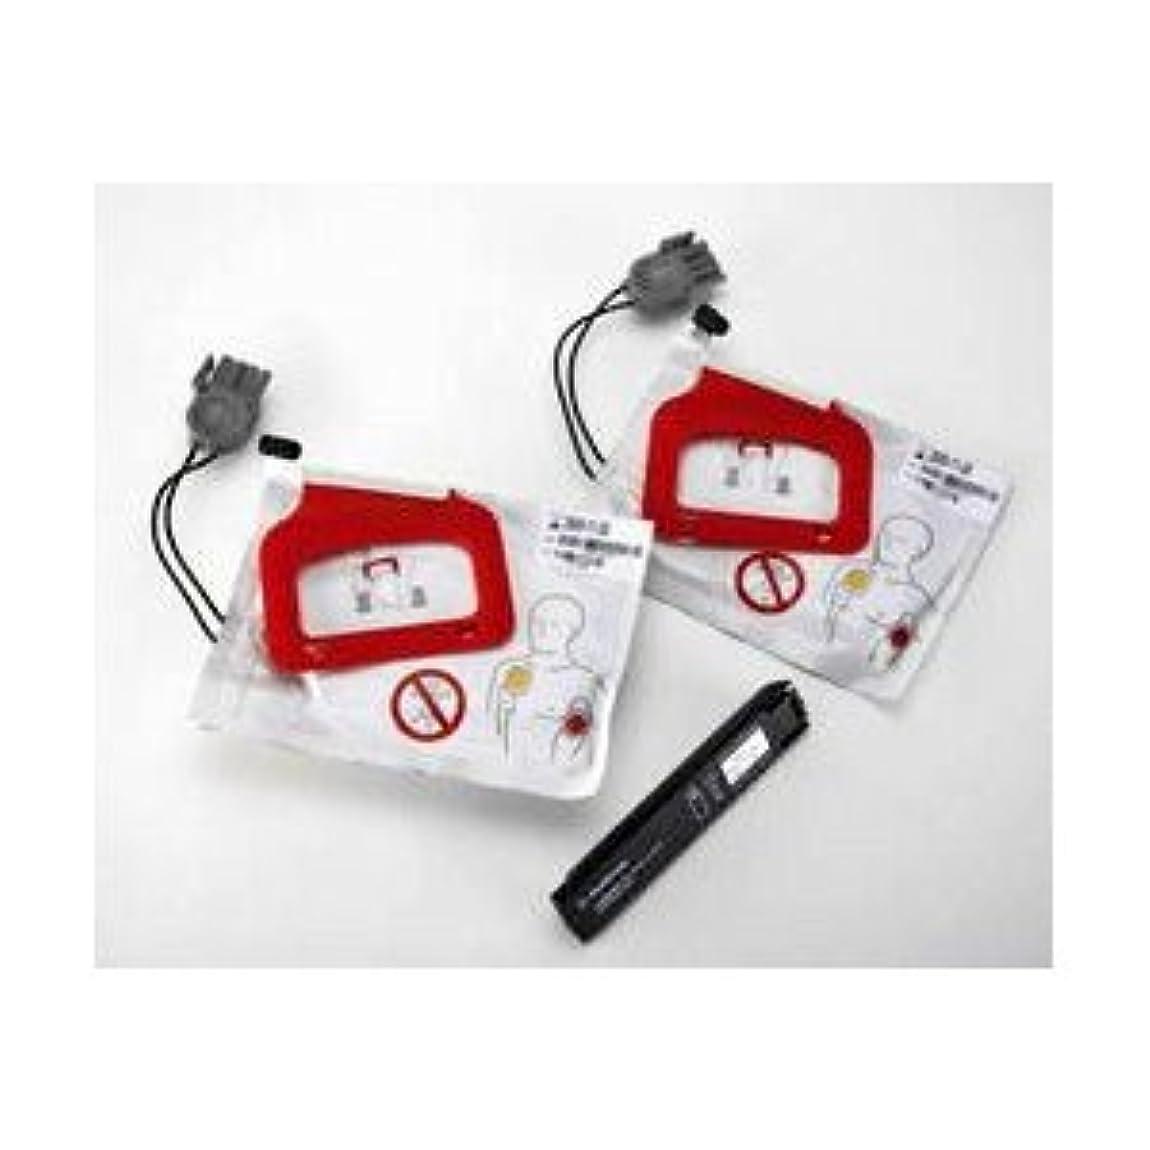 委員会イーウェル廊下フィジオコントロール ライフパック CR Plus 交換用キット 電極パッド&バッテリ